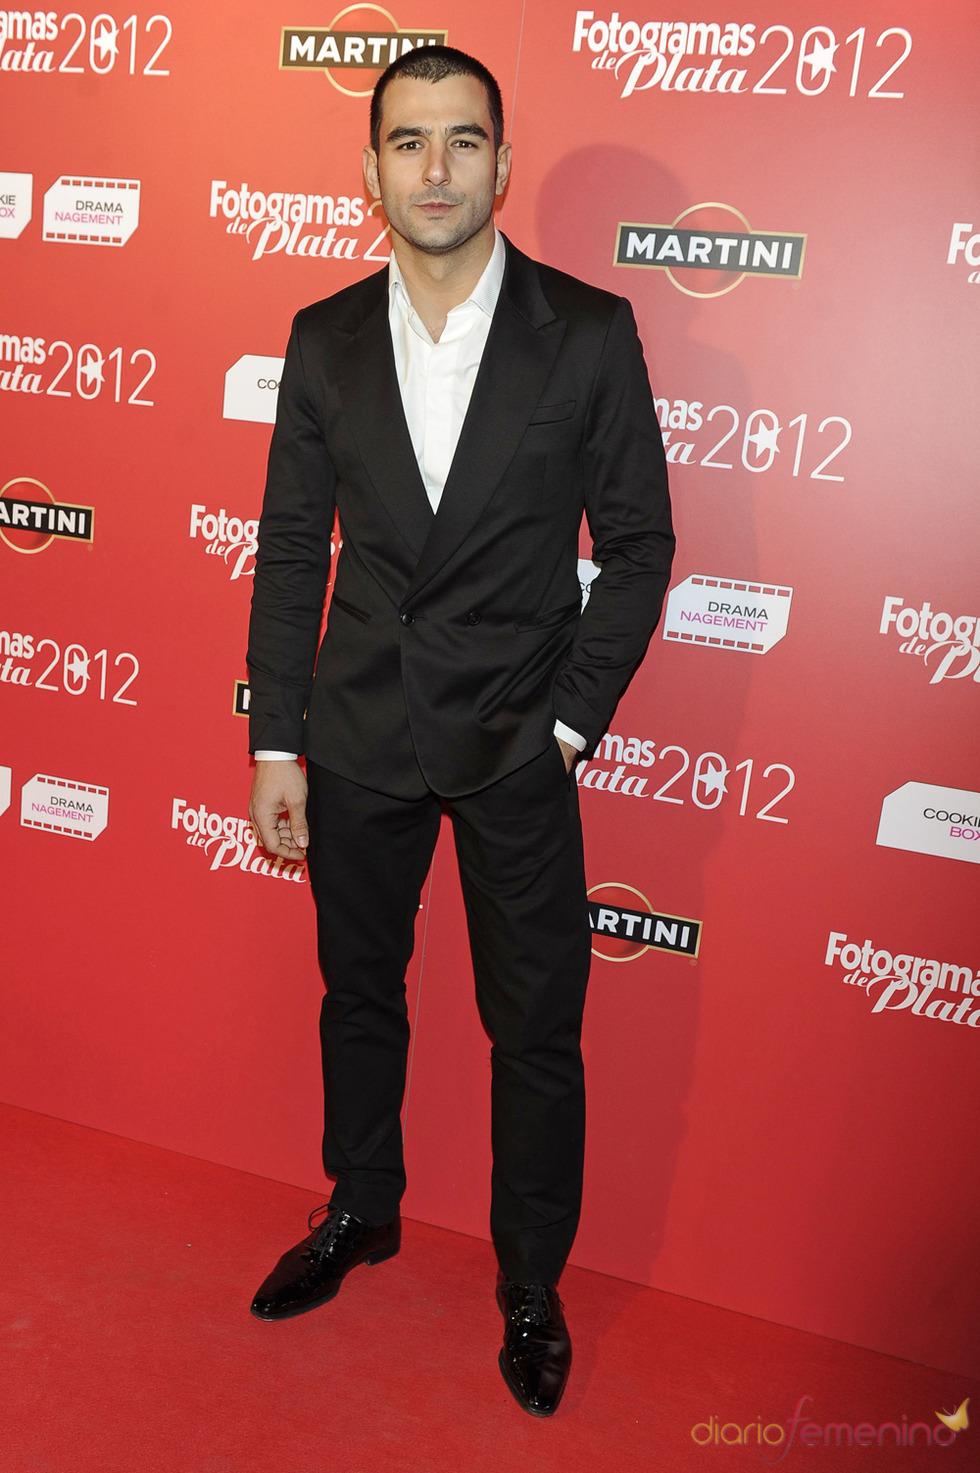 Antonio Velázquez en la alfombra roja de los Fotogramas 2012